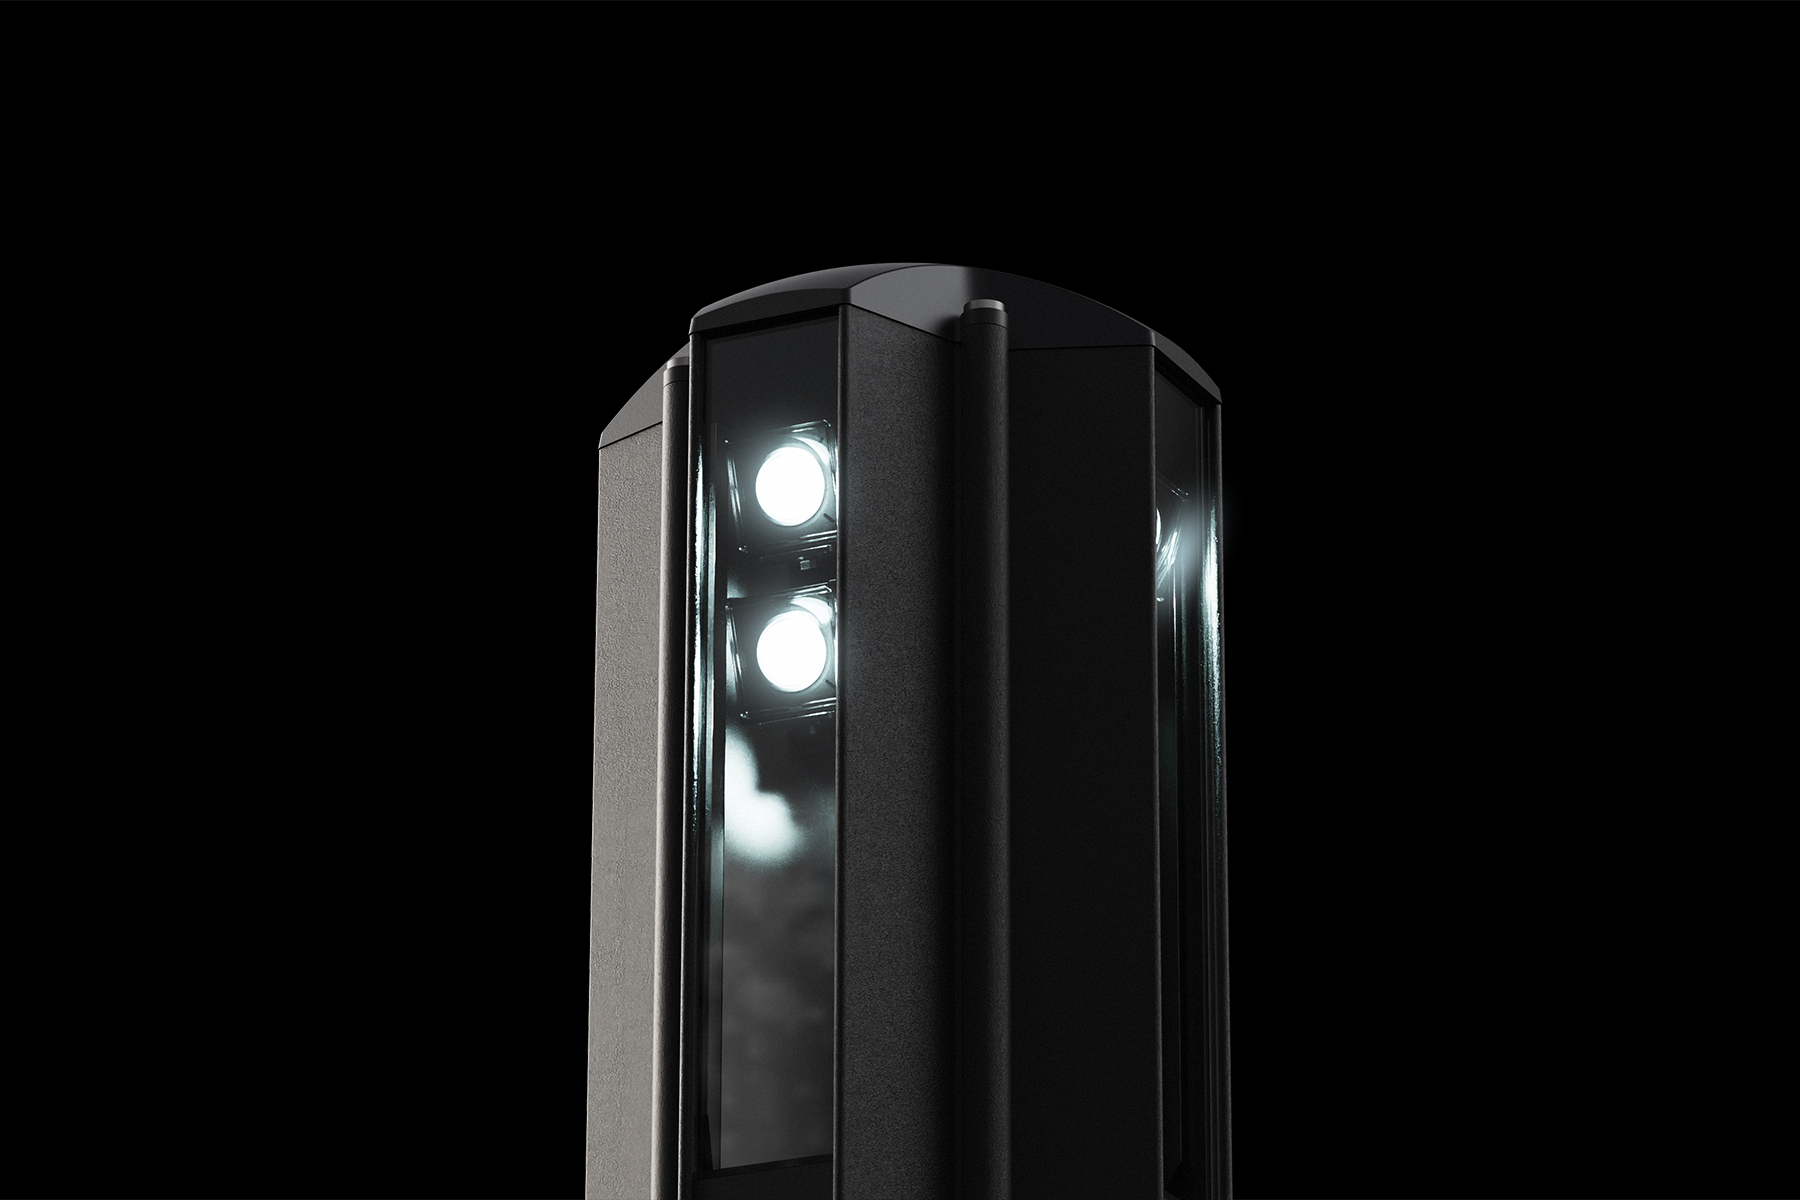 Philips_LED_02